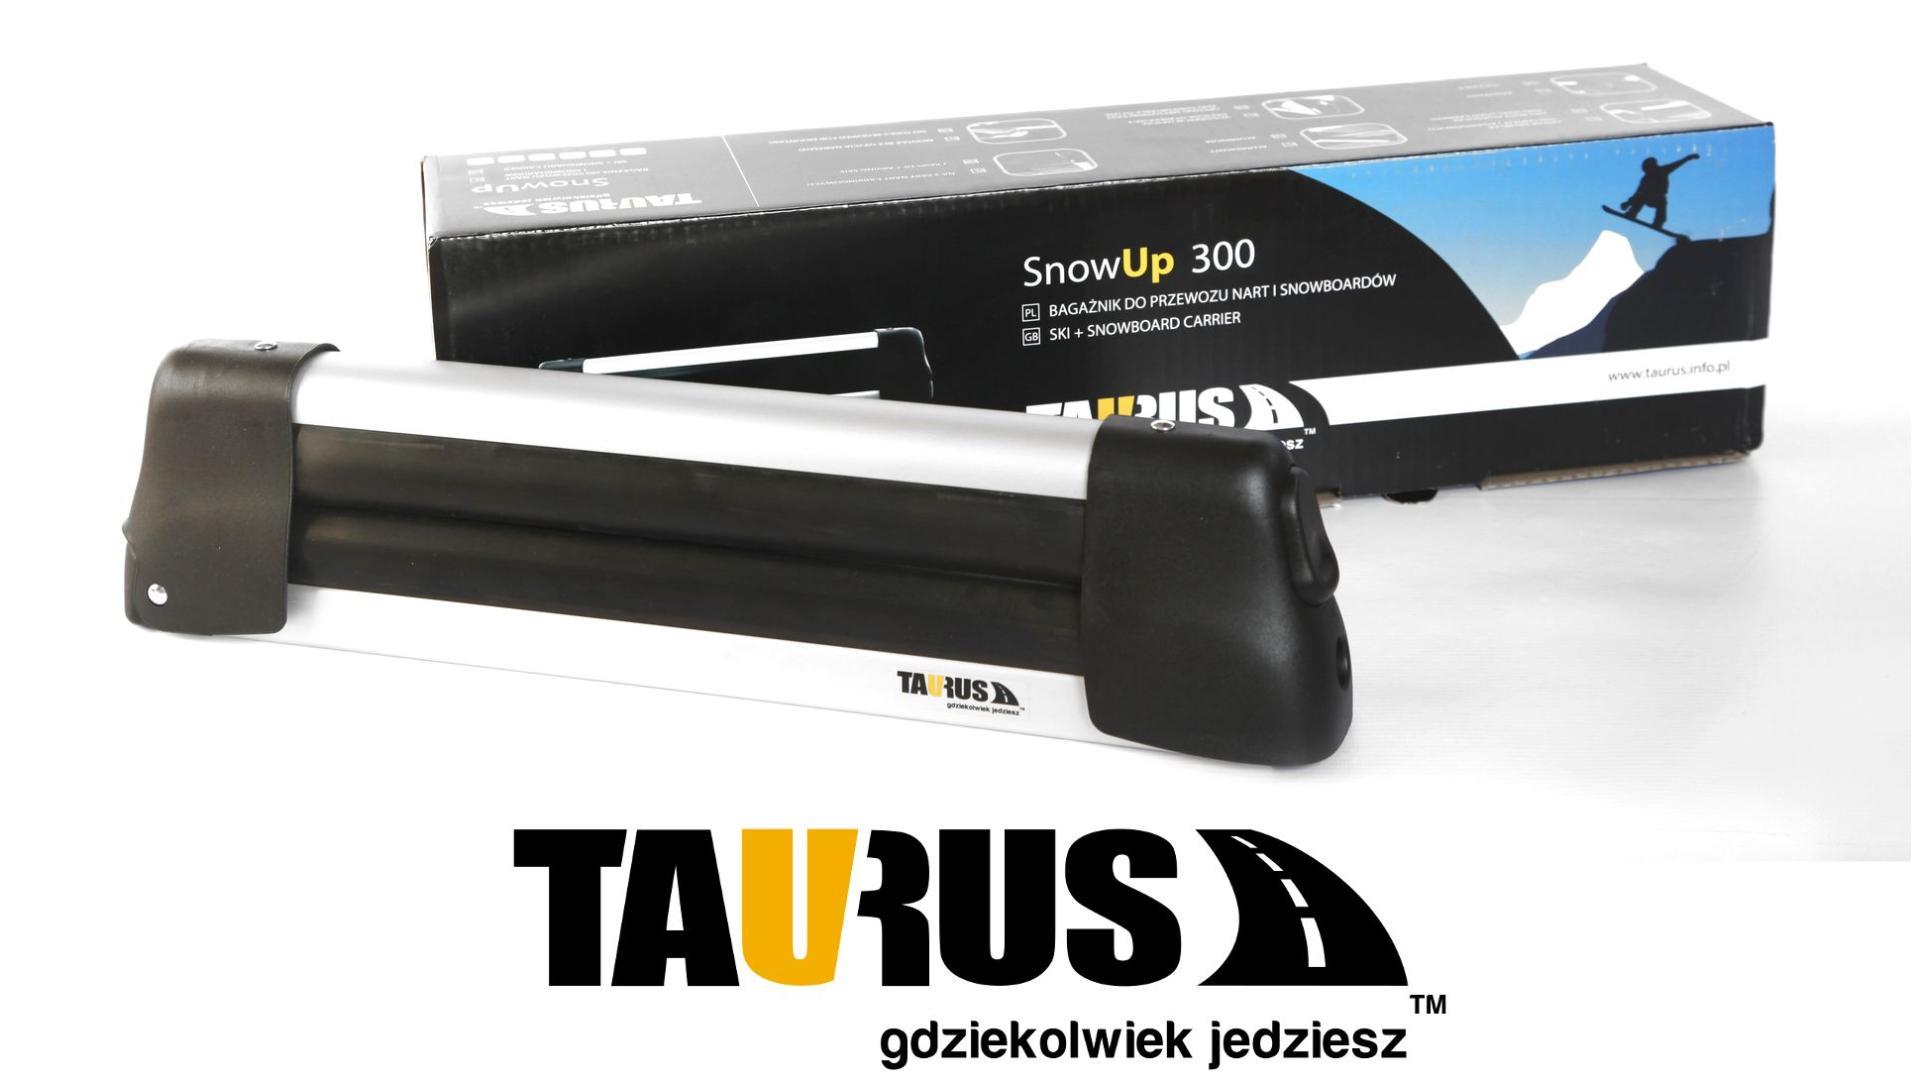 Taurus SnowUp 300 - držiak na lyže